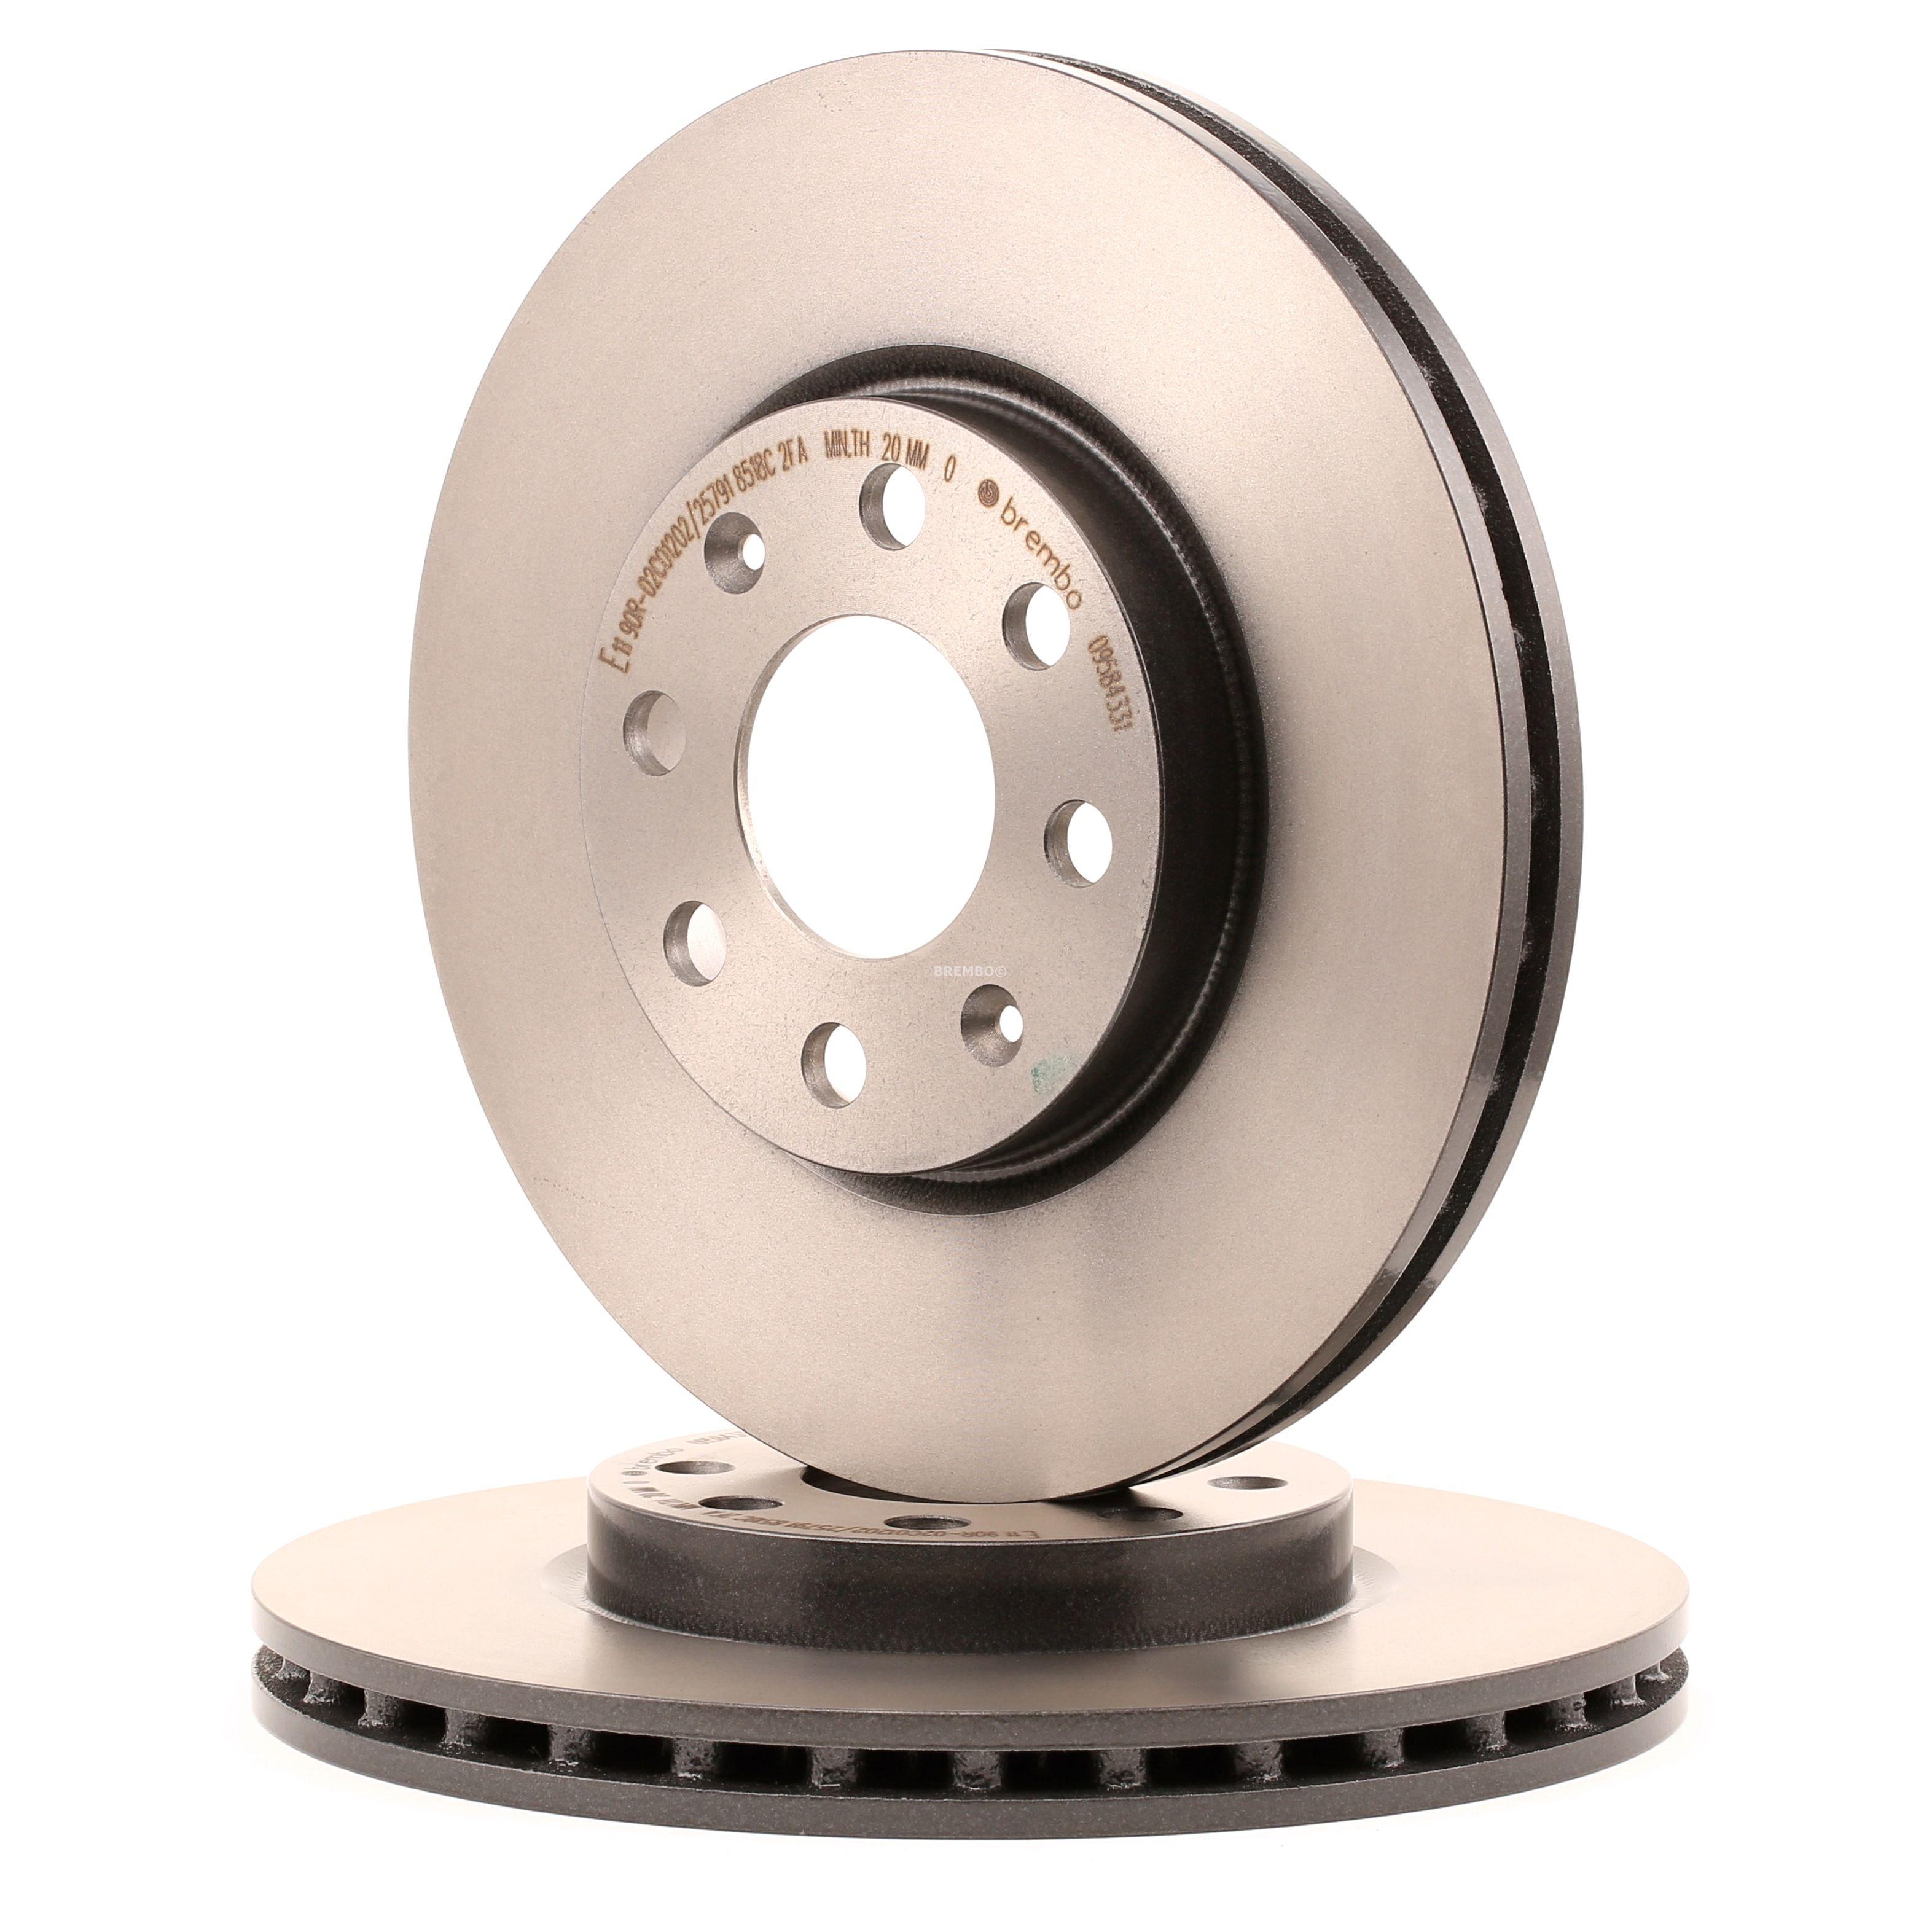 OPEL CORSA 2014 Scheibenbremsen - Original BREMBO 09.5843.31 Ø: 257mm, Lochanzahl: 4, Bremsscheibendicke: 22mm